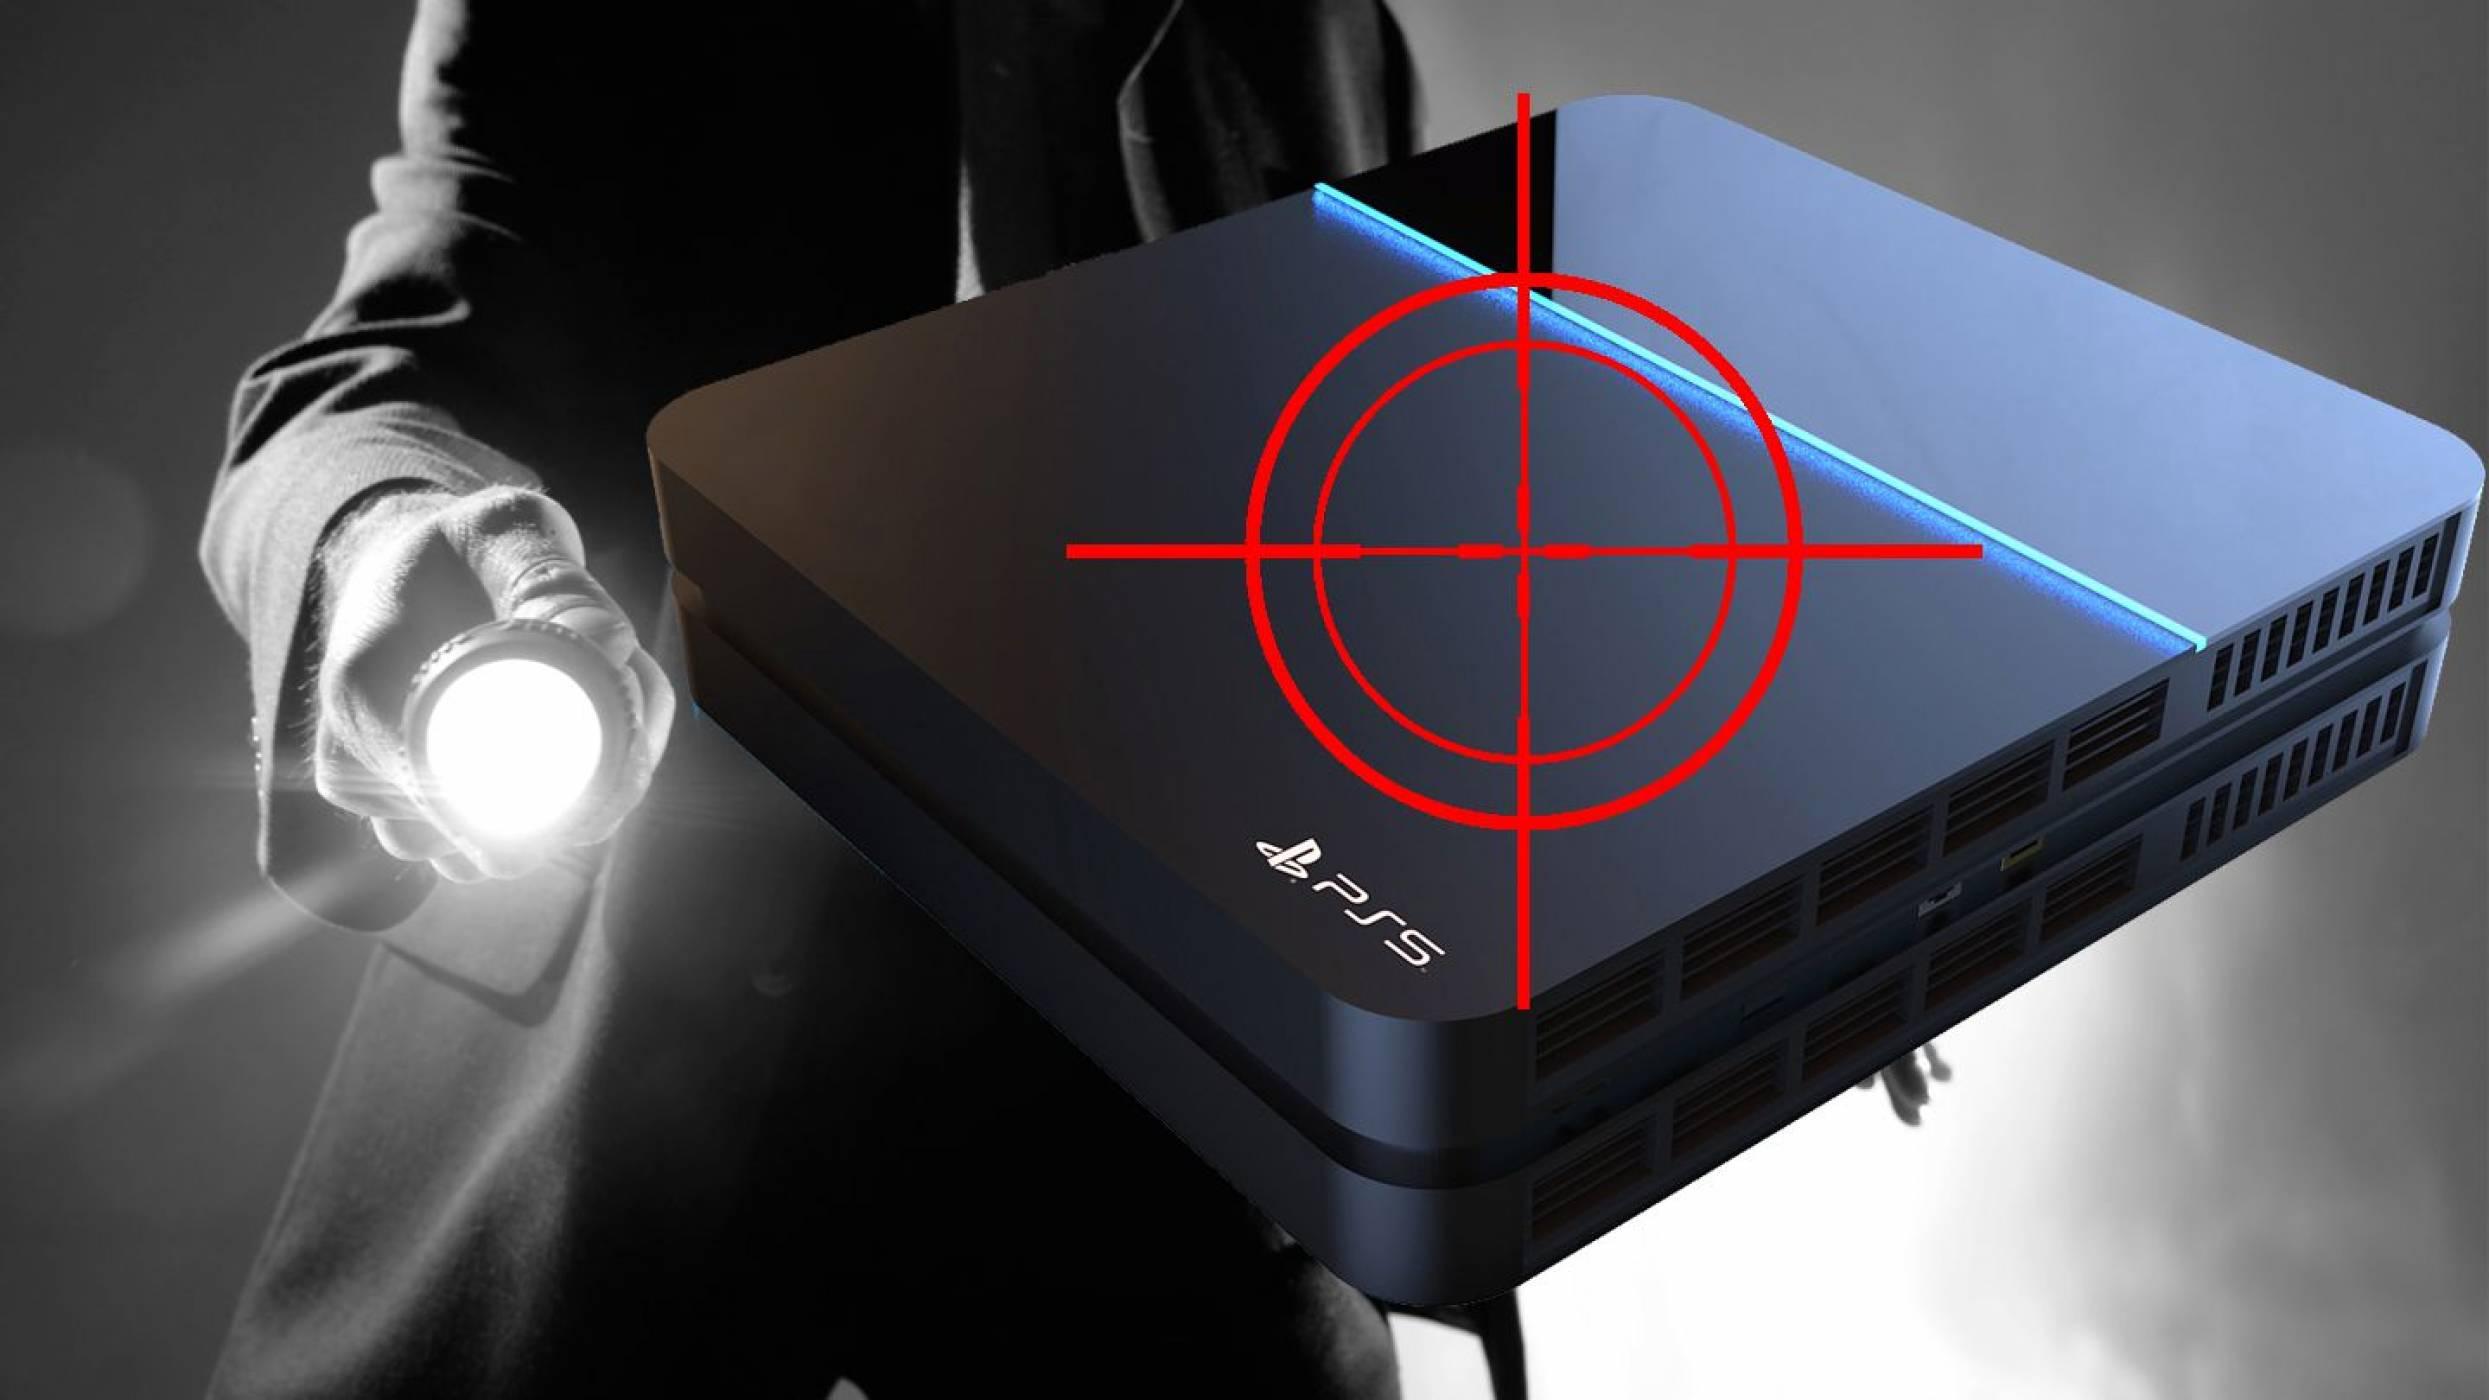 Нови данни за PlayStation 5 - 4К/60 FPS без проблем?